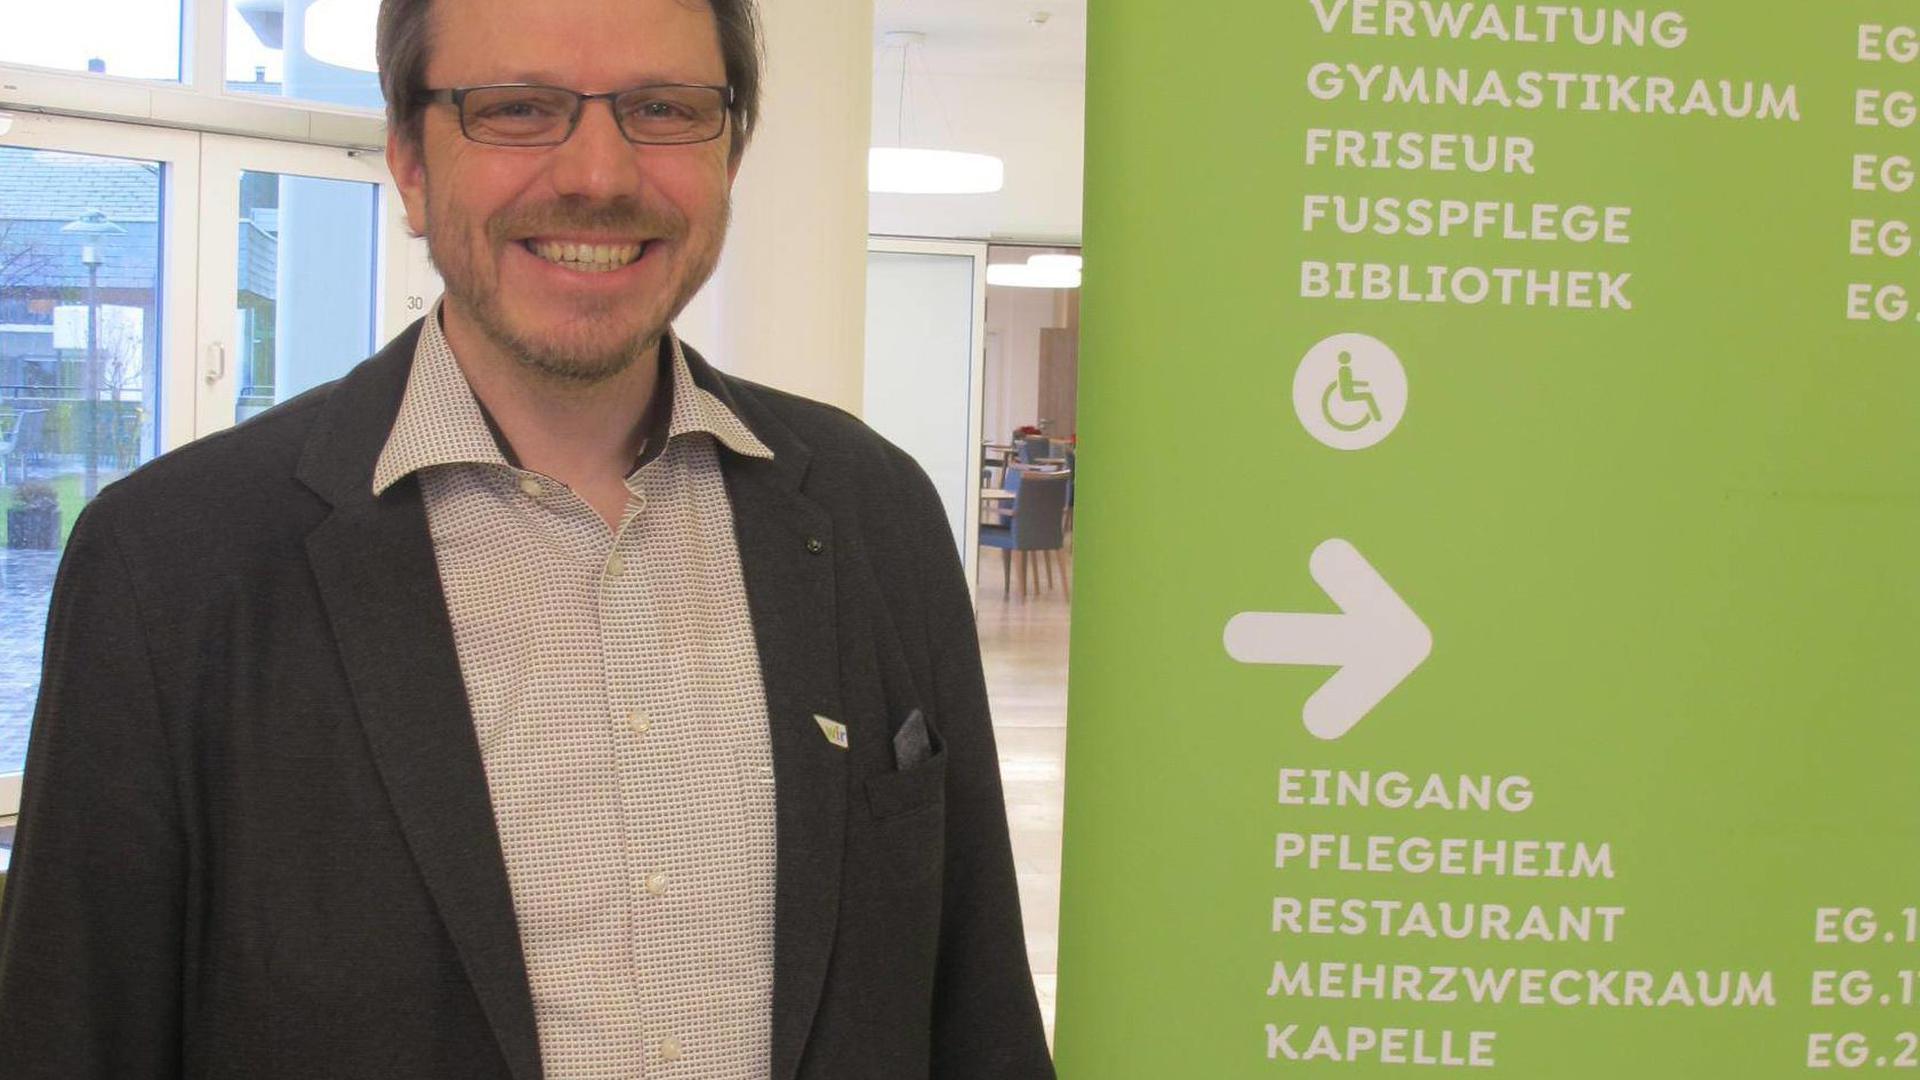 Der Geschäftsführer der Gaggenauer Altenhilfe, Peter Koch, warnt davor, dass das derzeitige System der Pflegefinanzierung gegen die Wand läuft und spricht sich für eine grundlegende Reform aus.